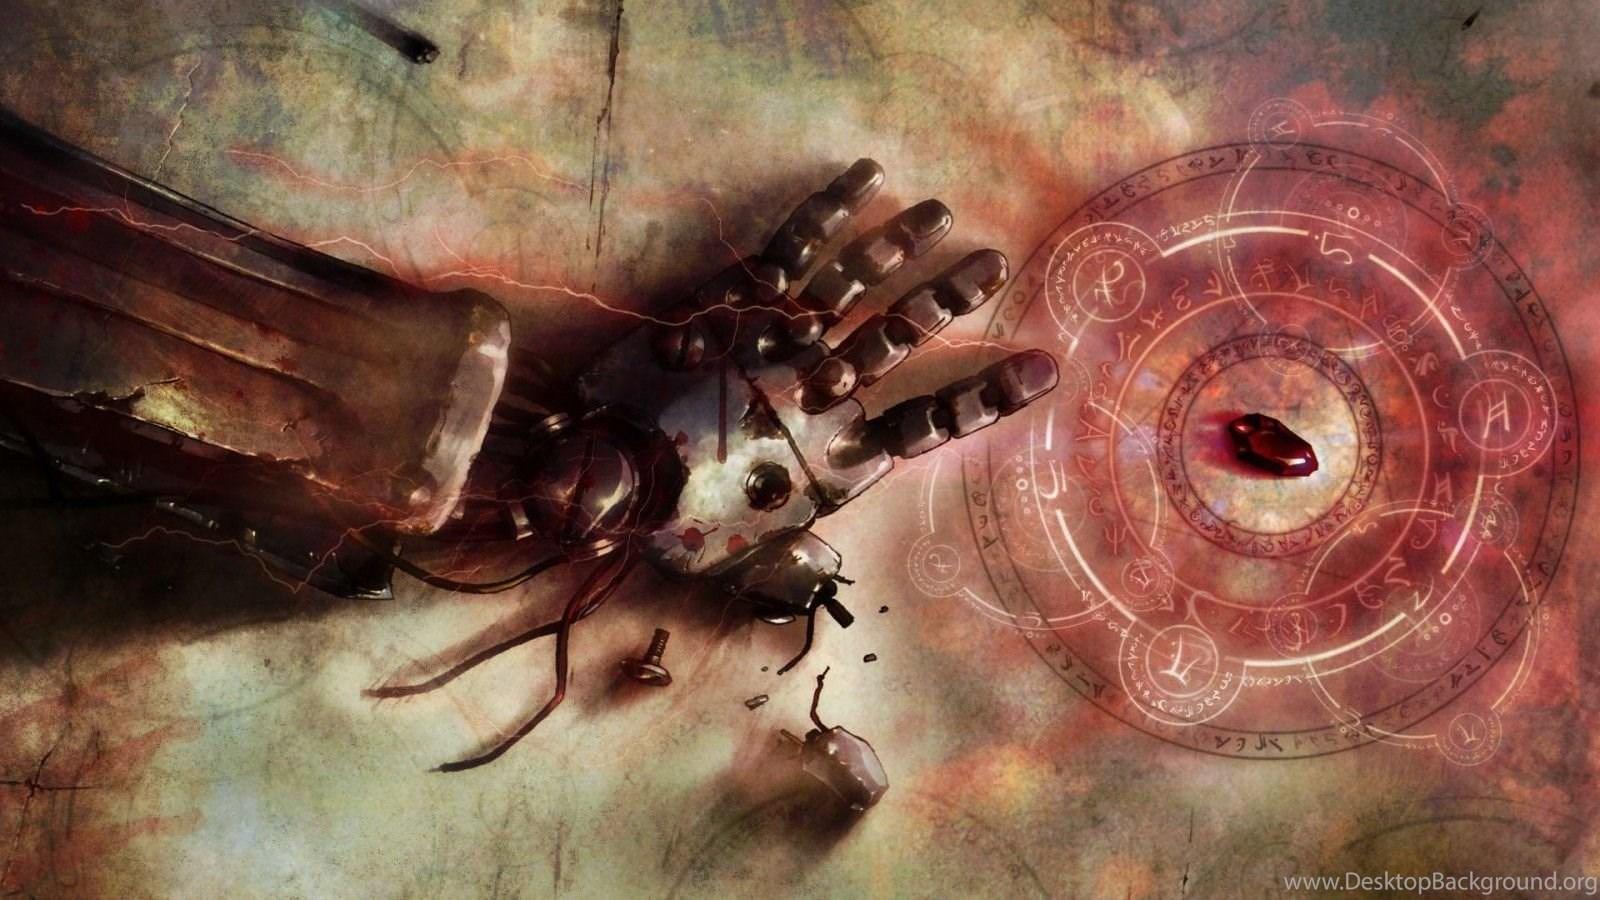 Fullmetal Alchemist Brotherhood Full Hd Wallpapers 3921 Hd